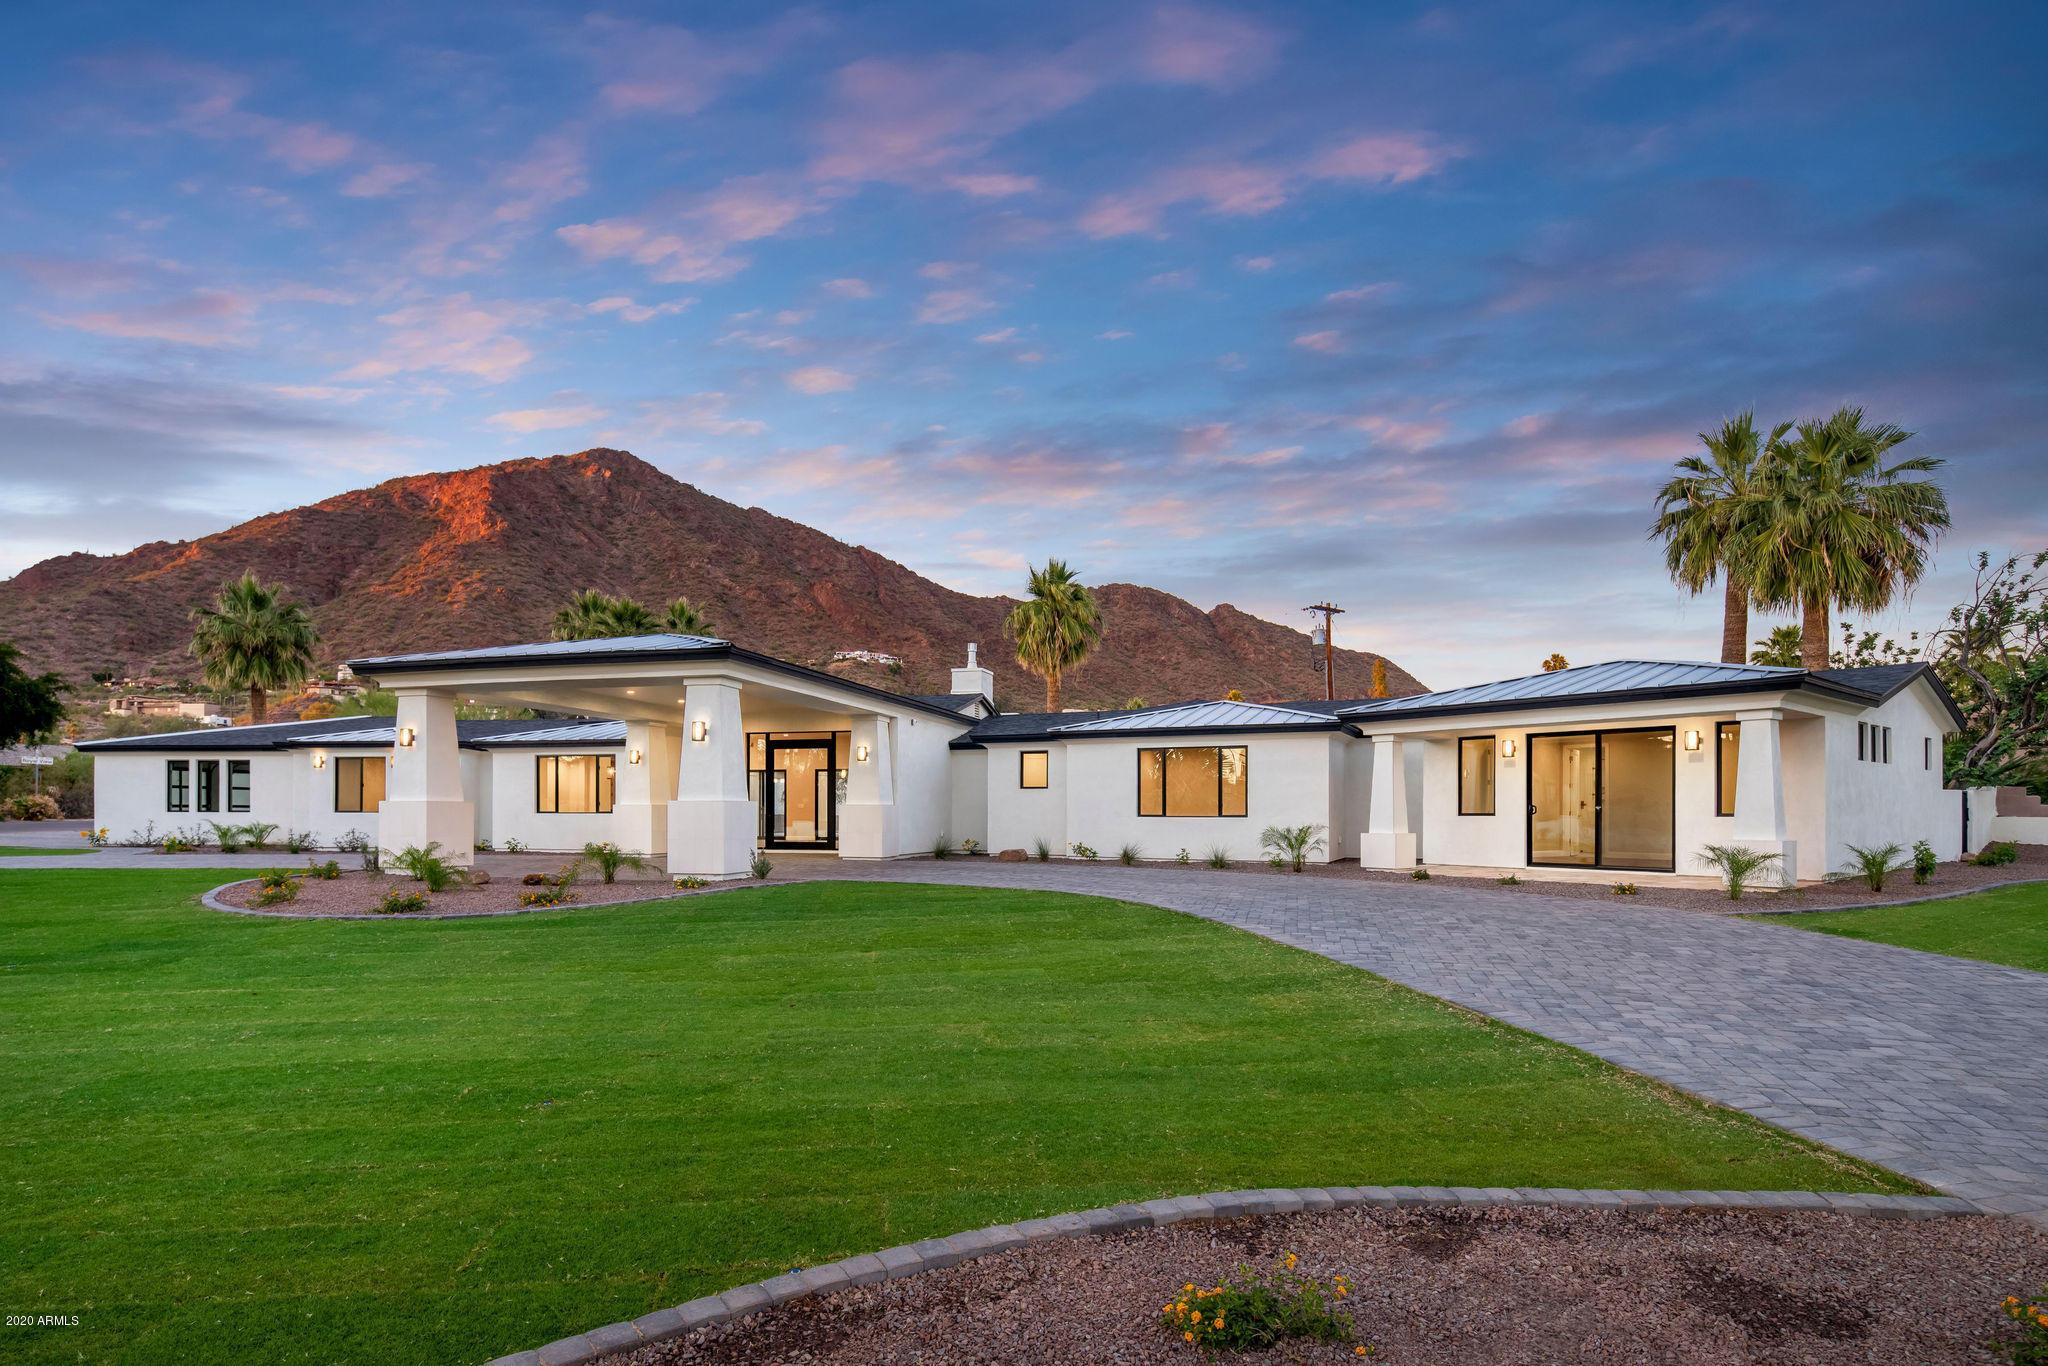 Photo of 4601 N ROYAL VIEW Drive, Phoenix, AZ 85018